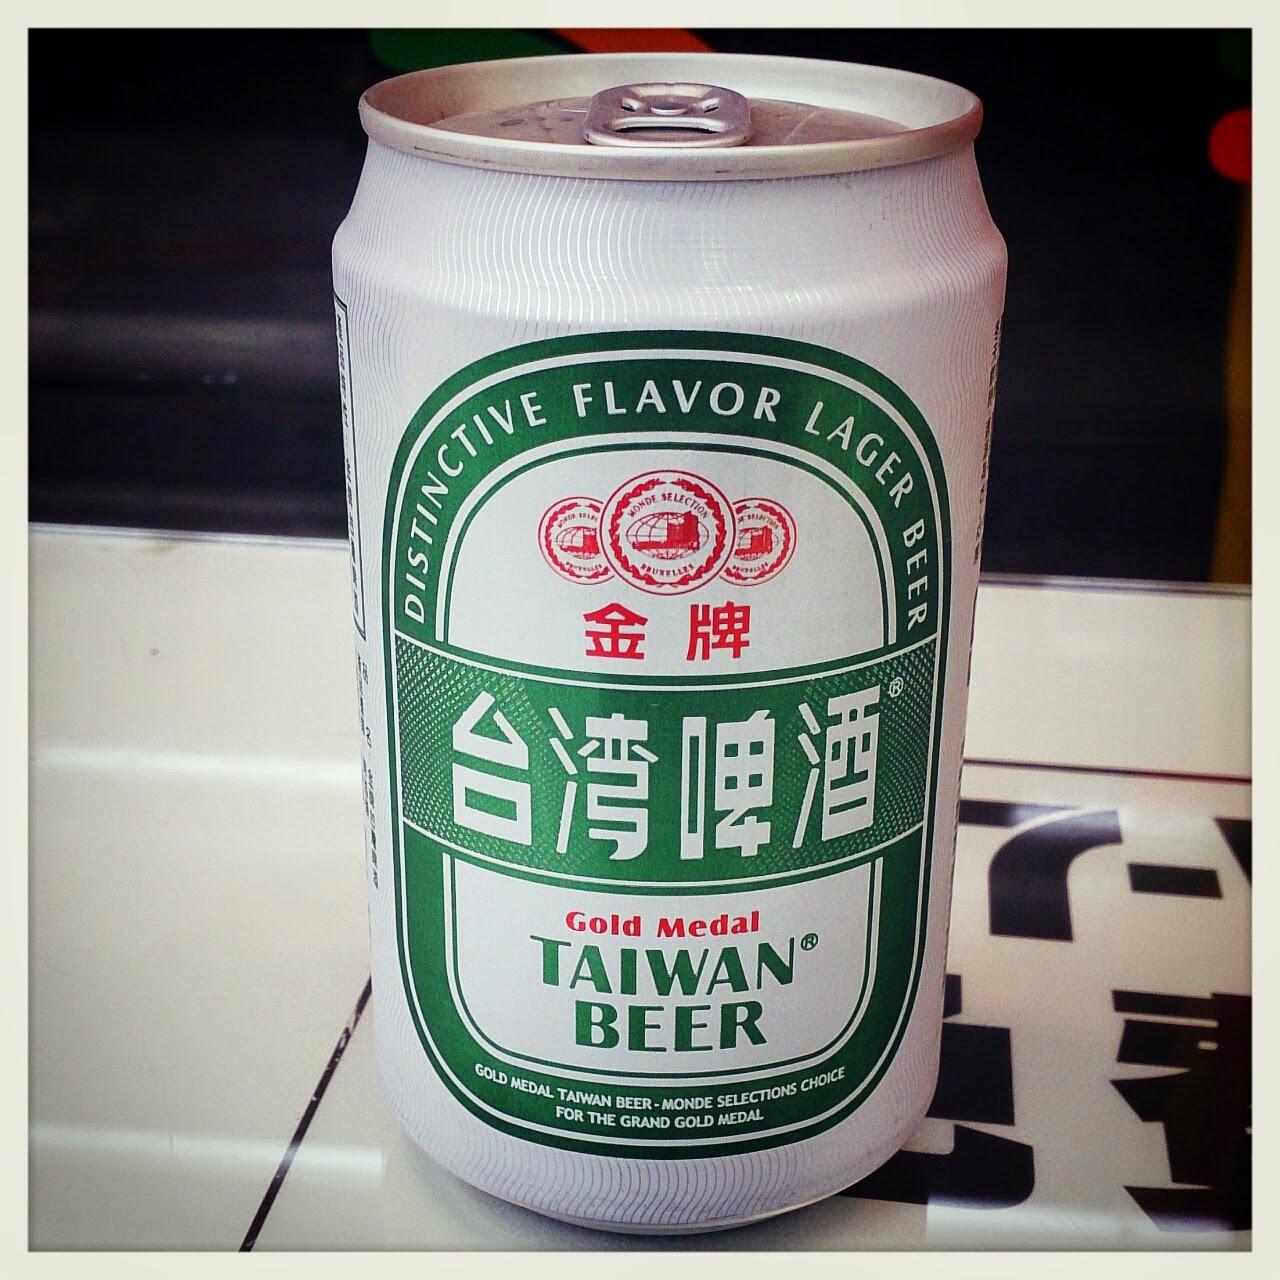 小馬的! 有害電波放送臺: #002 金牌臺灣啤酒 Gold Medal Taiwan Beer